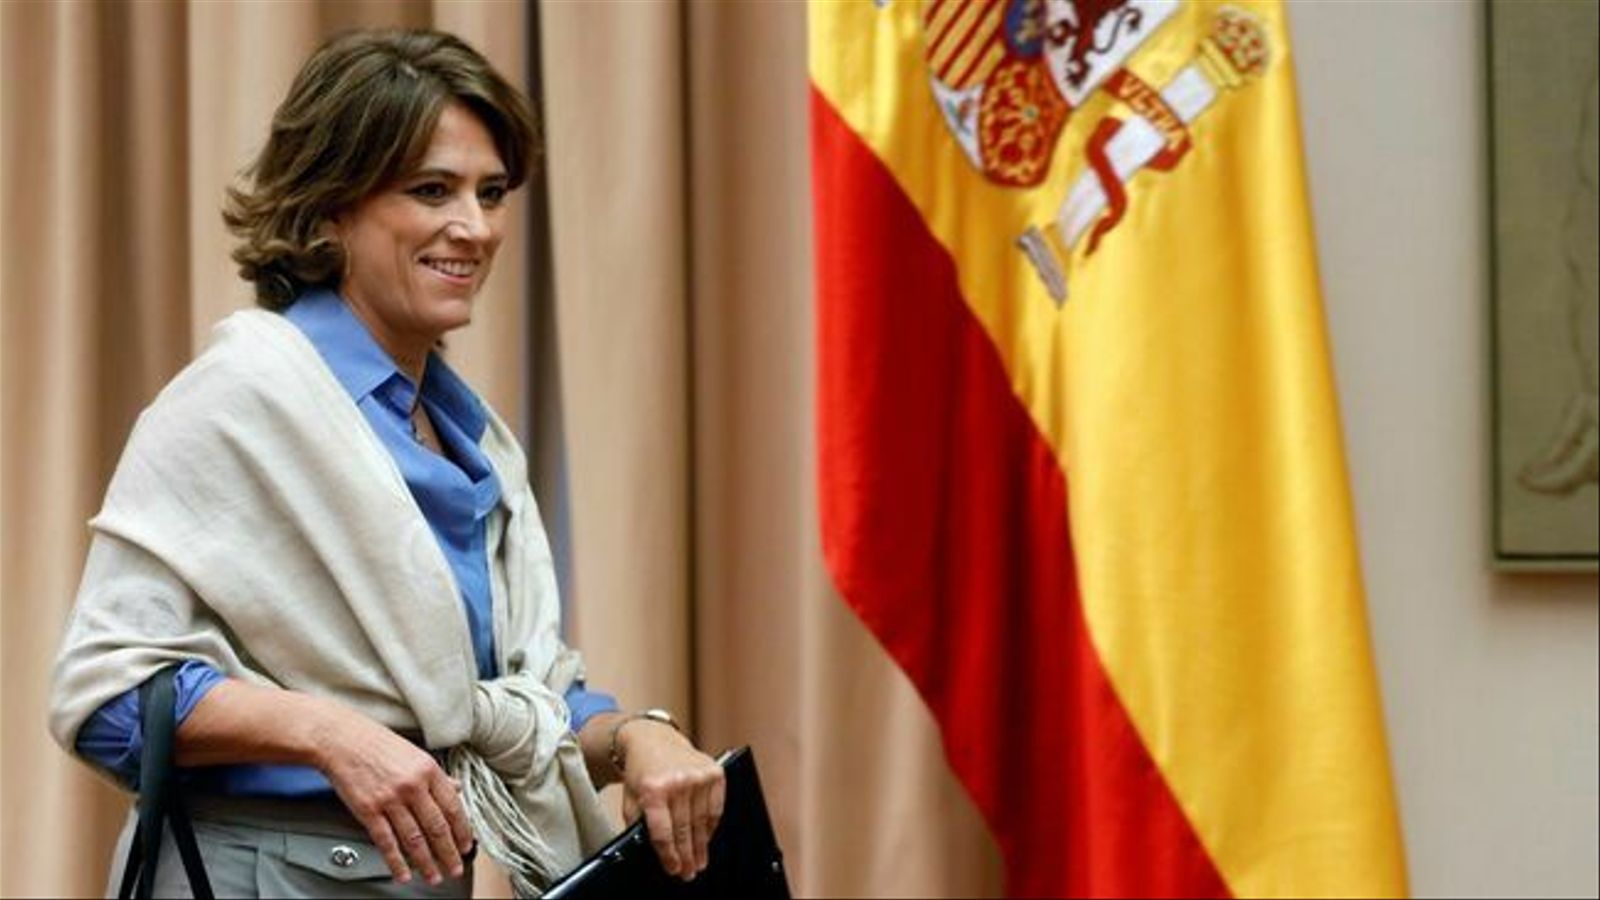 Sánchez 'nomena' Delgado per blindar el diàleg amb Catalunya